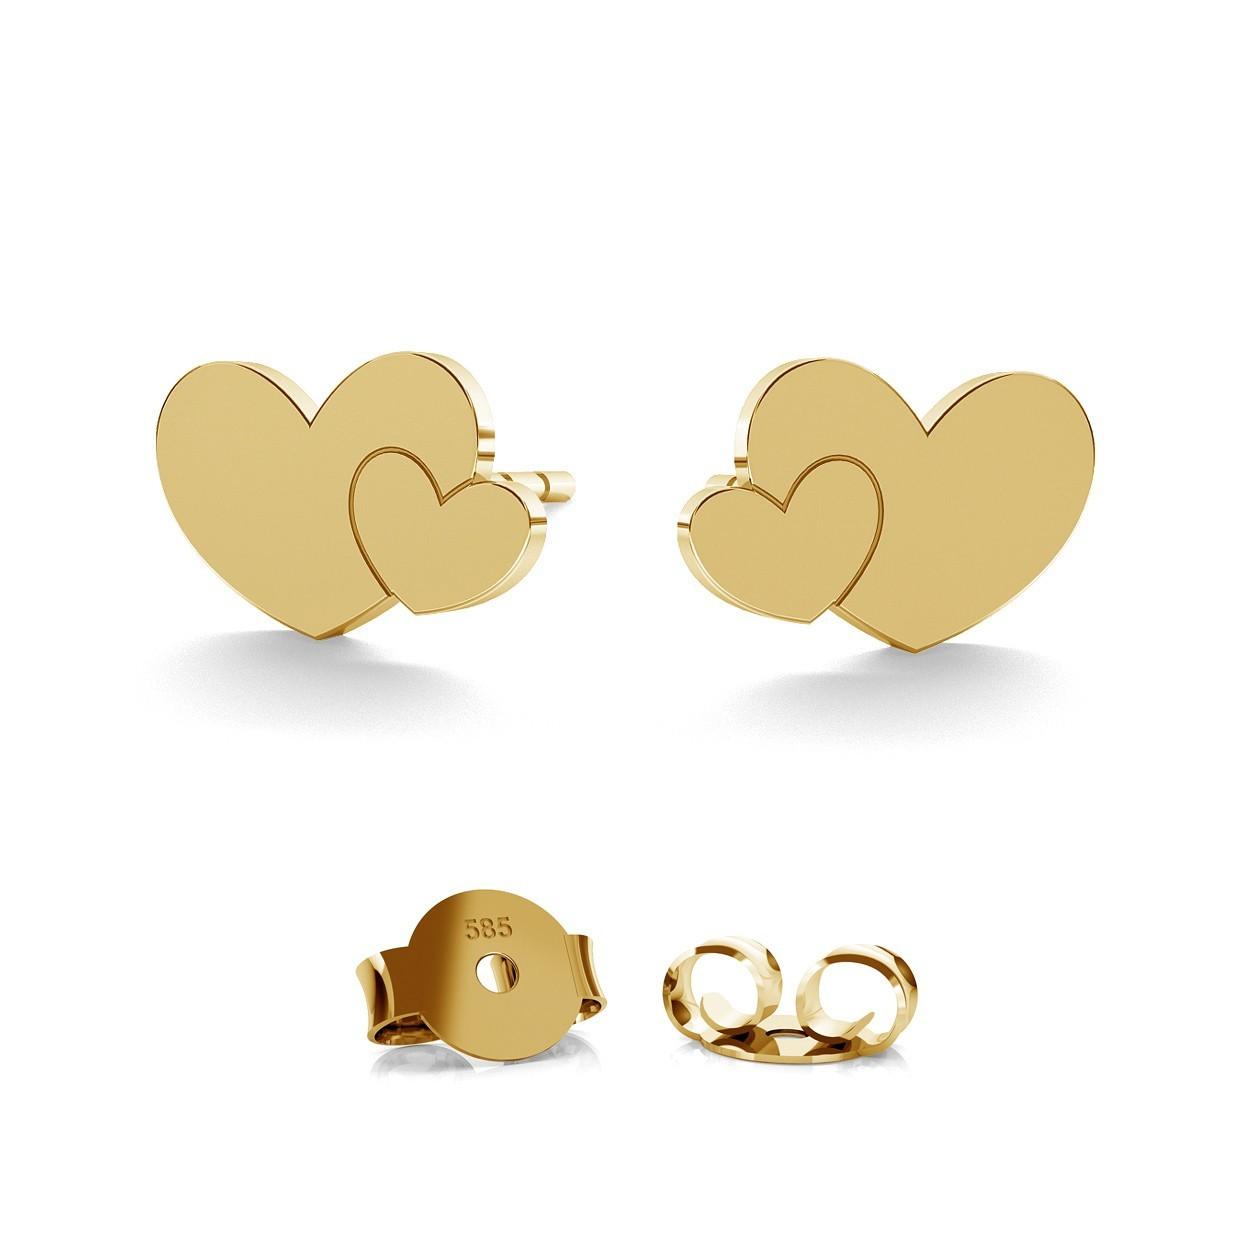 DOUBLE HEARTS EARRING 14K GOLD, MODEL 702